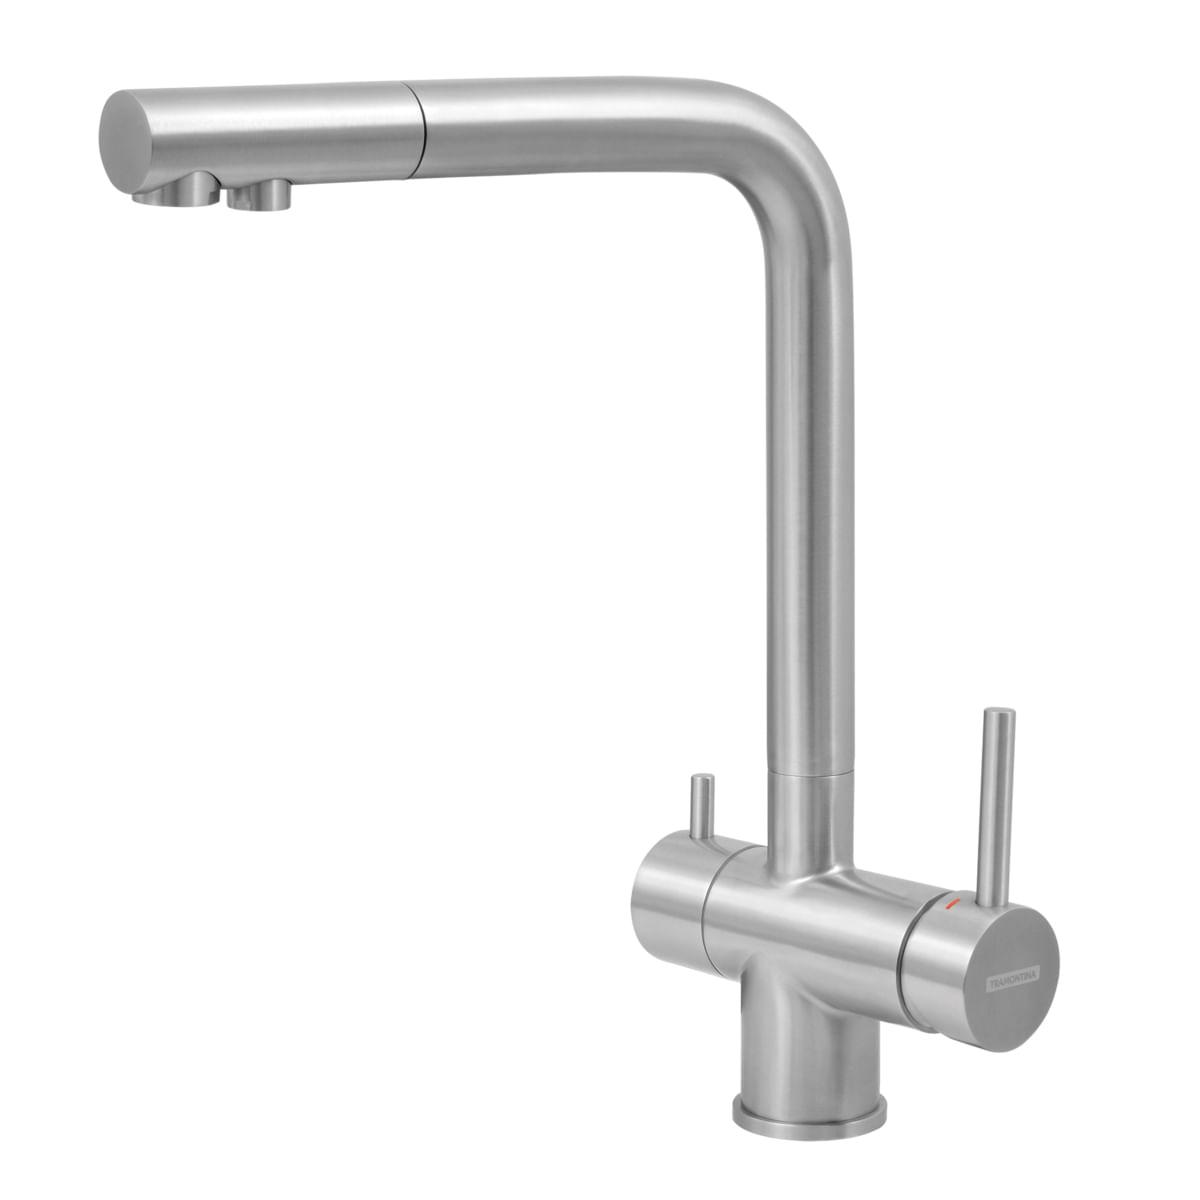 Misturador Monocomando Tramontina Monde Filter em Aço Inox com Saída Adicional para Água Filtrada com Filtro 3M